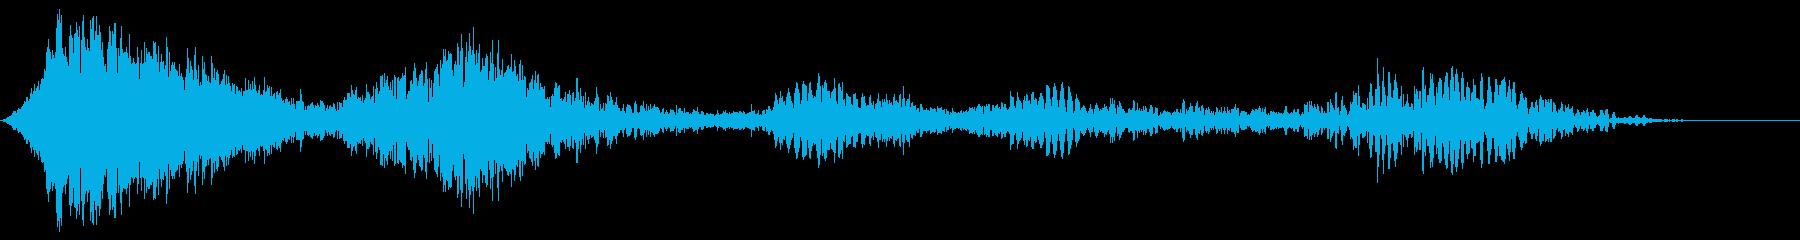 乱流旋回アウェイウーシュ2の再生済みの波形